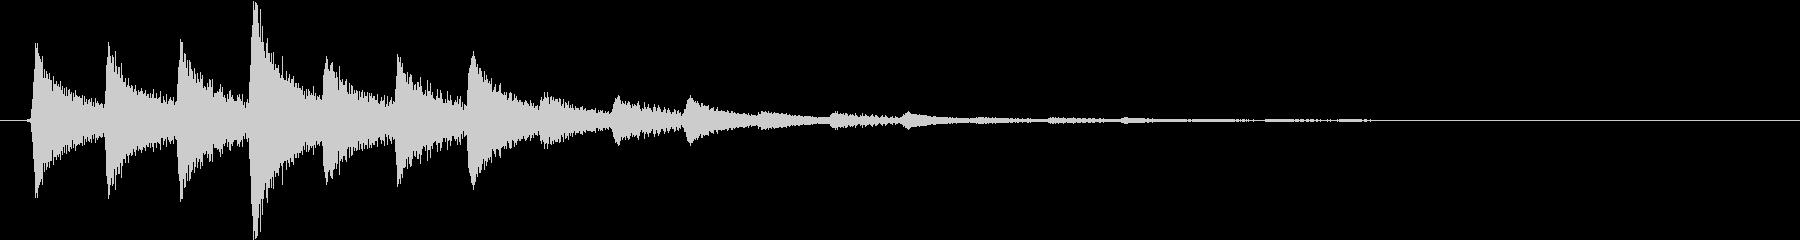 タララン↑(決定音、セーブ、記録)の未再生の波形